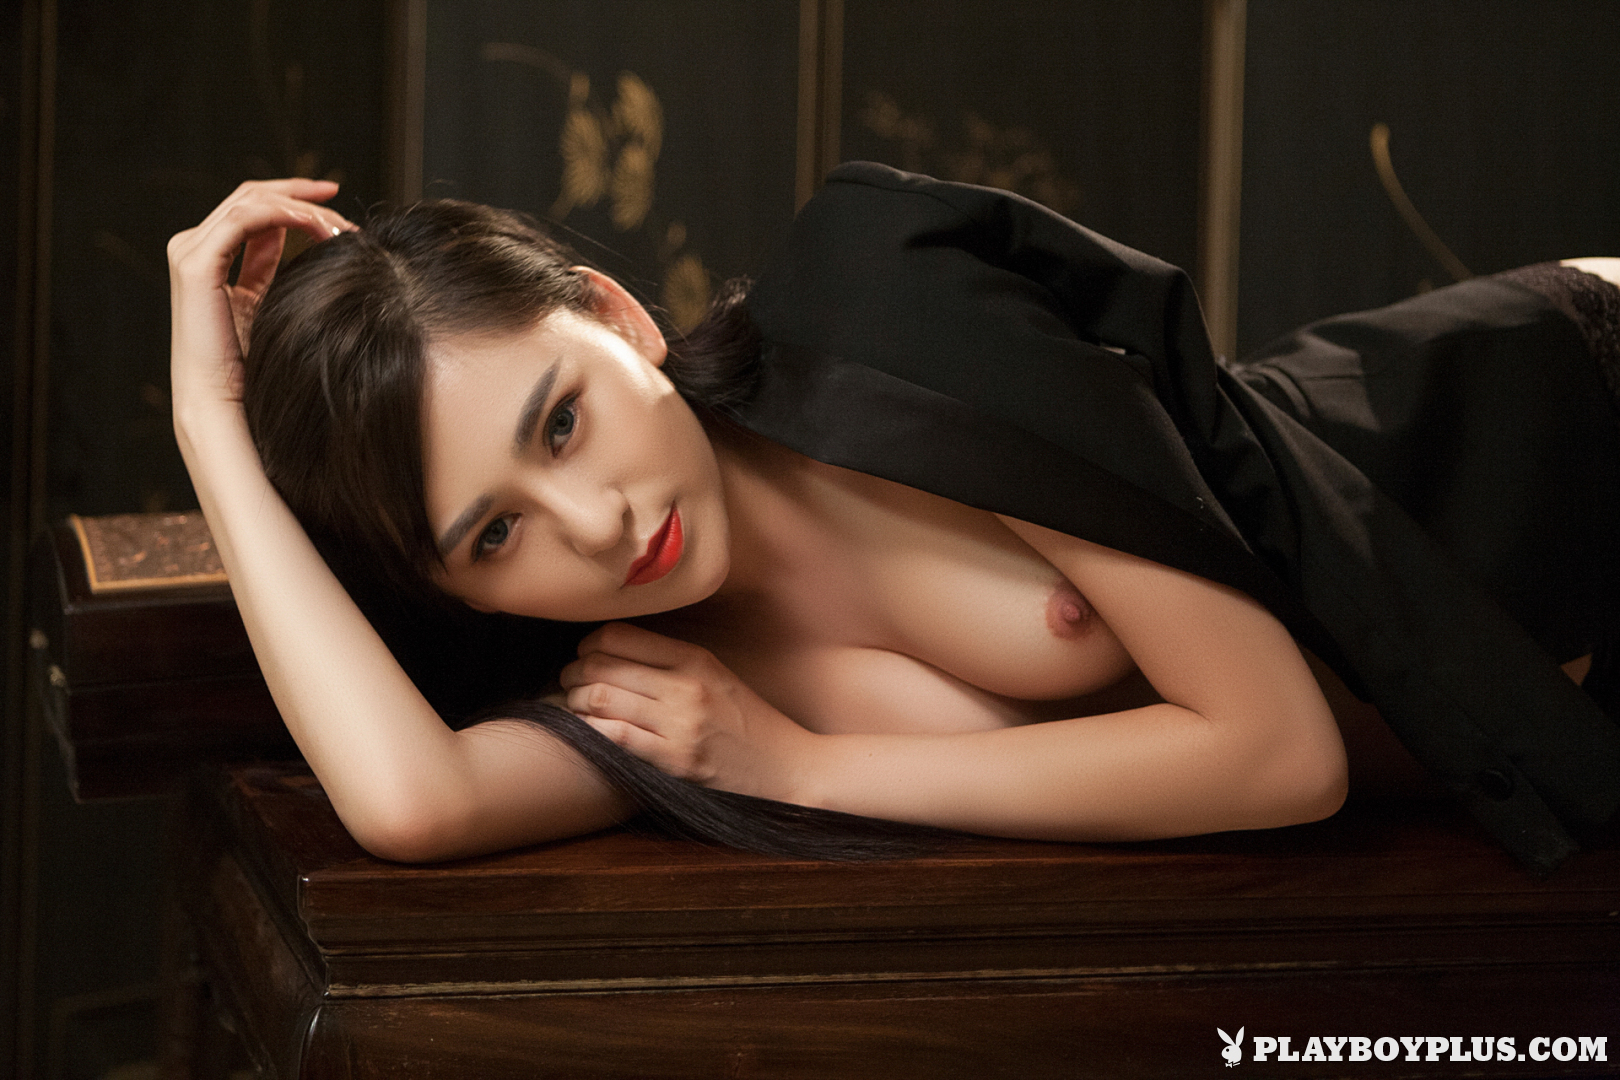 Teen nude beijing girls luner nue